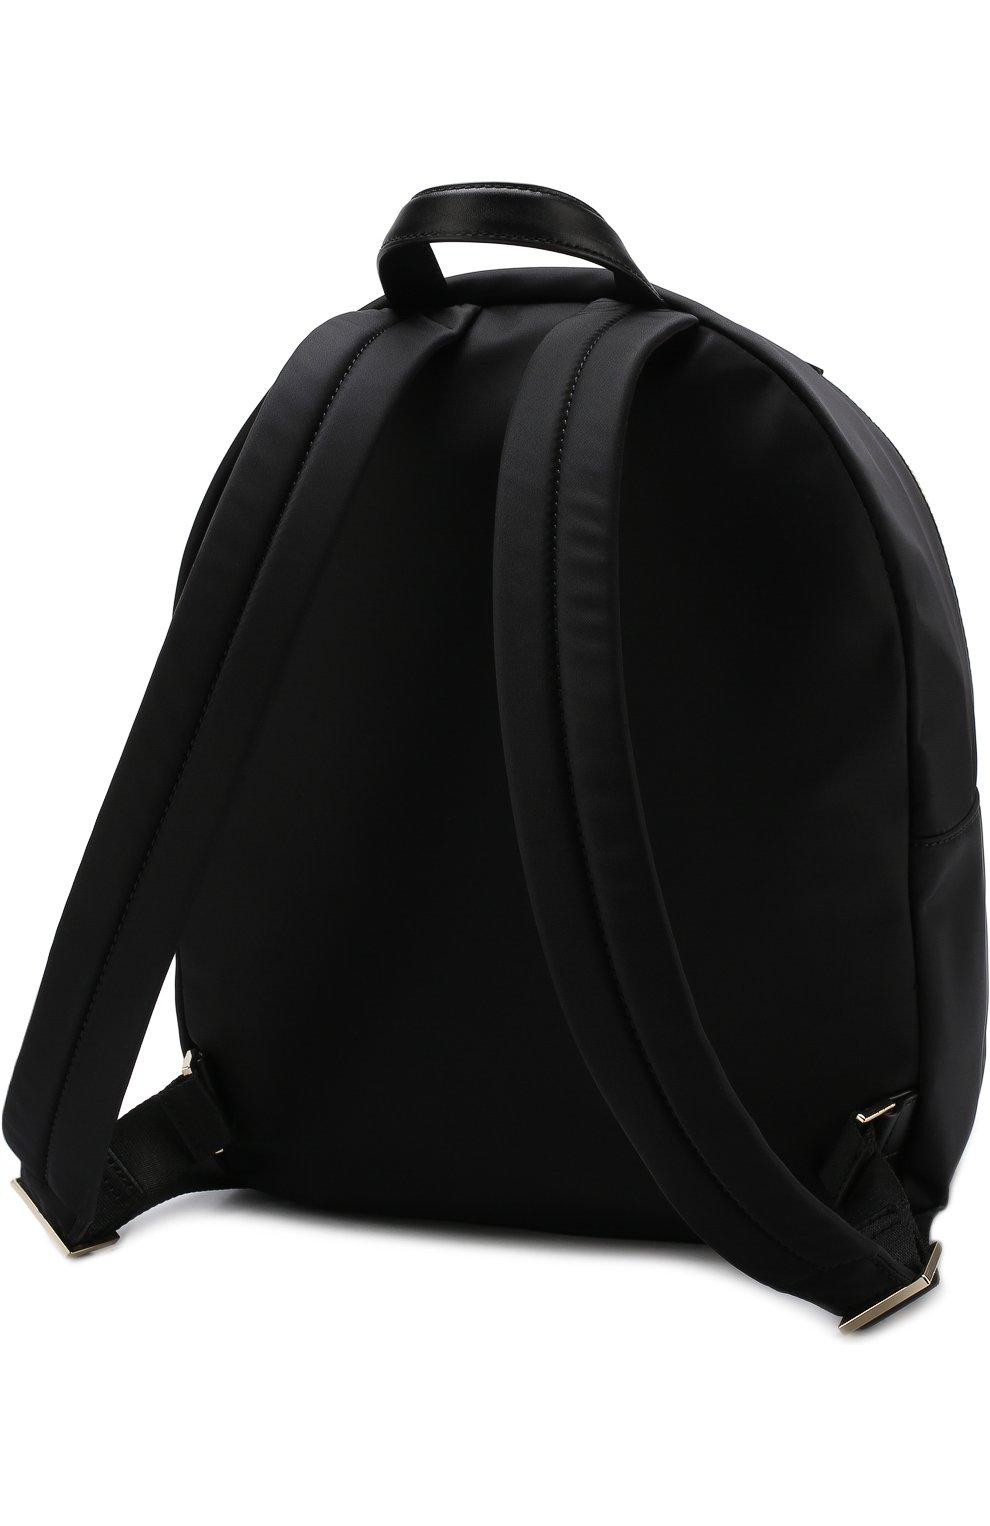 Женский рюкзак watson lane KATE SPADE NEW YORK черного цвета, арт. PXRU7646 | Фото 3